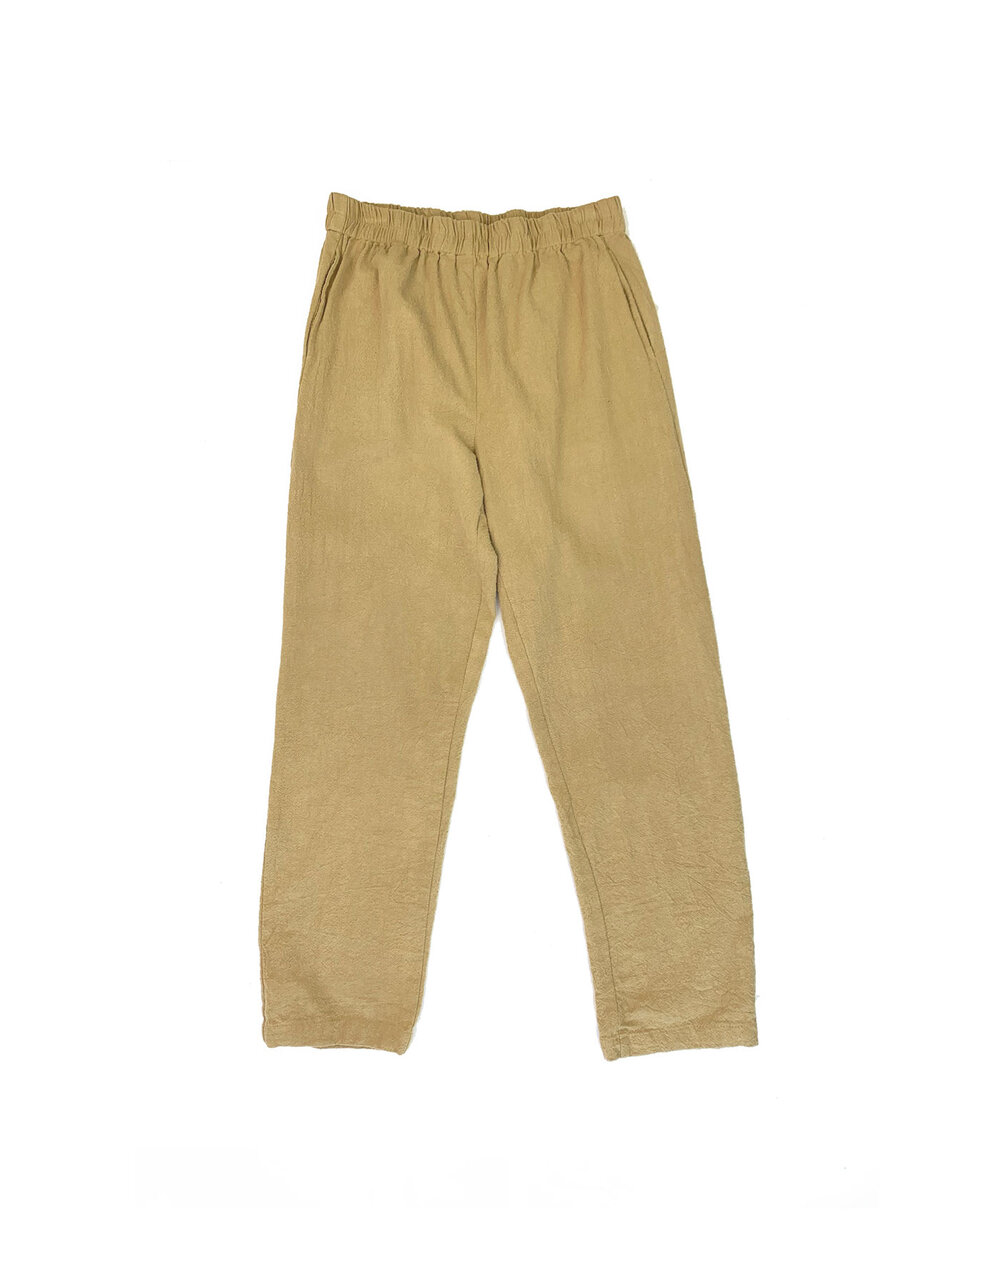 Lounger Pants in Ochre